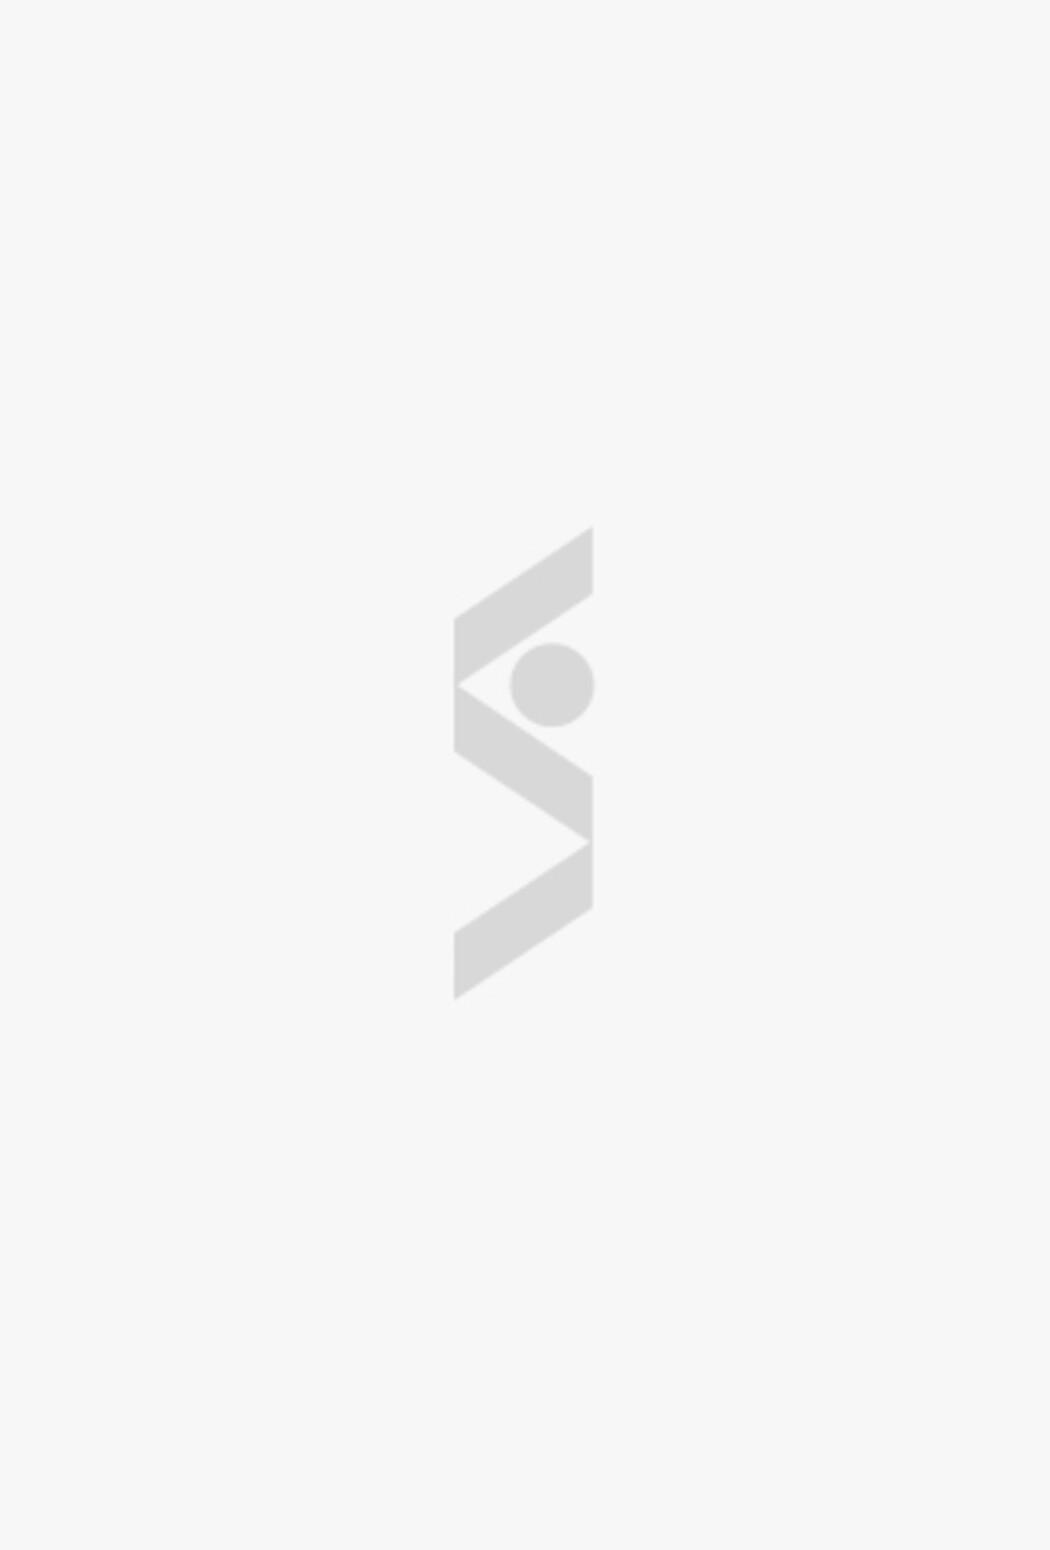 Таблетки для посудомоечной машины 42 шт Finish - цена 890 ₽ купить в интернет-магазине СТОКМАНН в Москве BAFC85AF-910D-4DEB-A33F-6FEB126D97E3